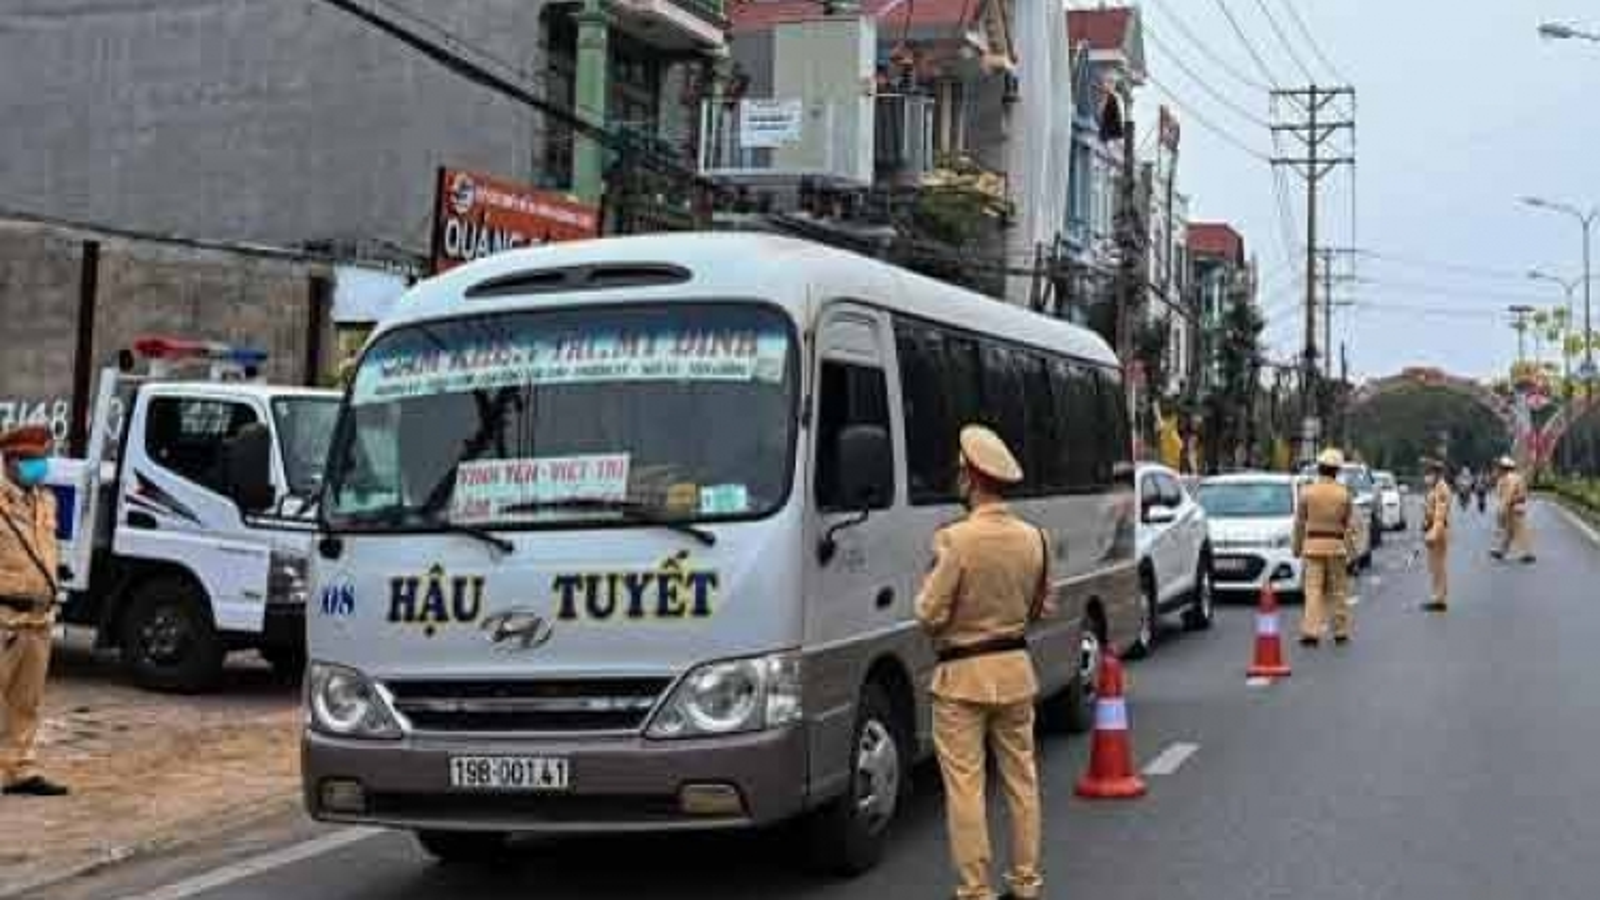 Cảnh sát giao thôngtoàn quốc tăng cường ngăn chặn người xuất nhập cảnh trái phép